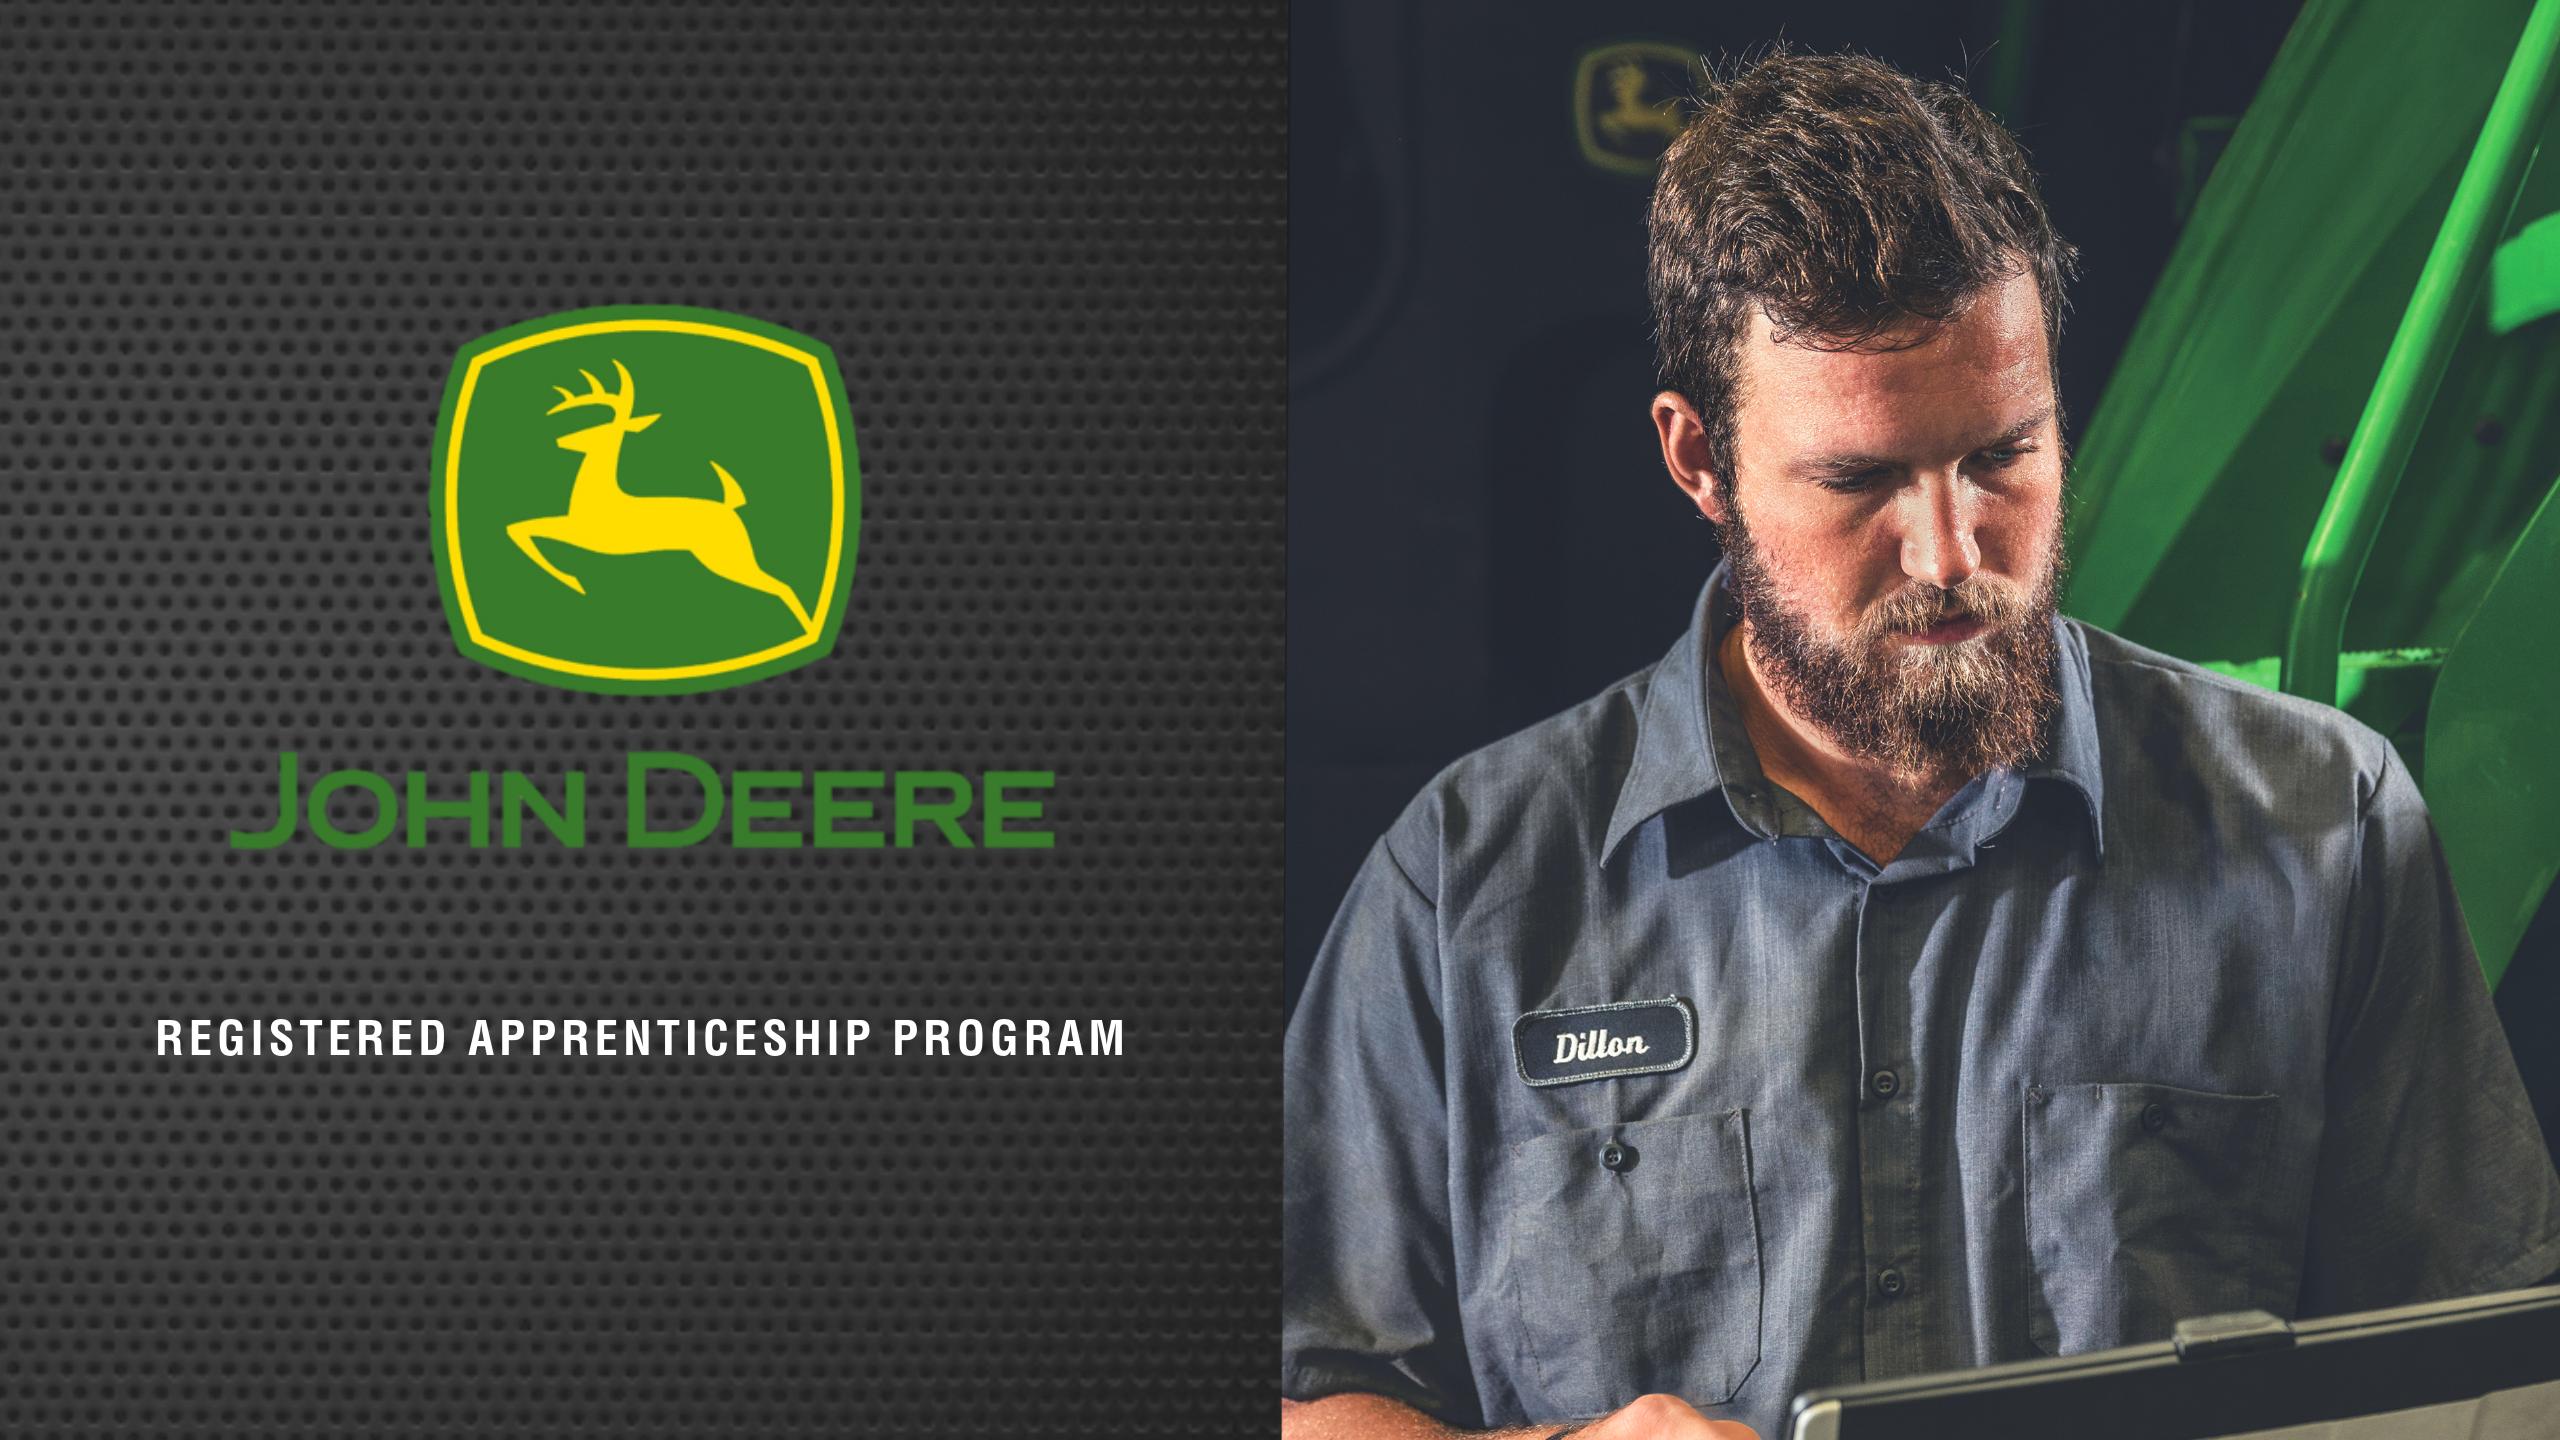 john deere registered apprenticeship program